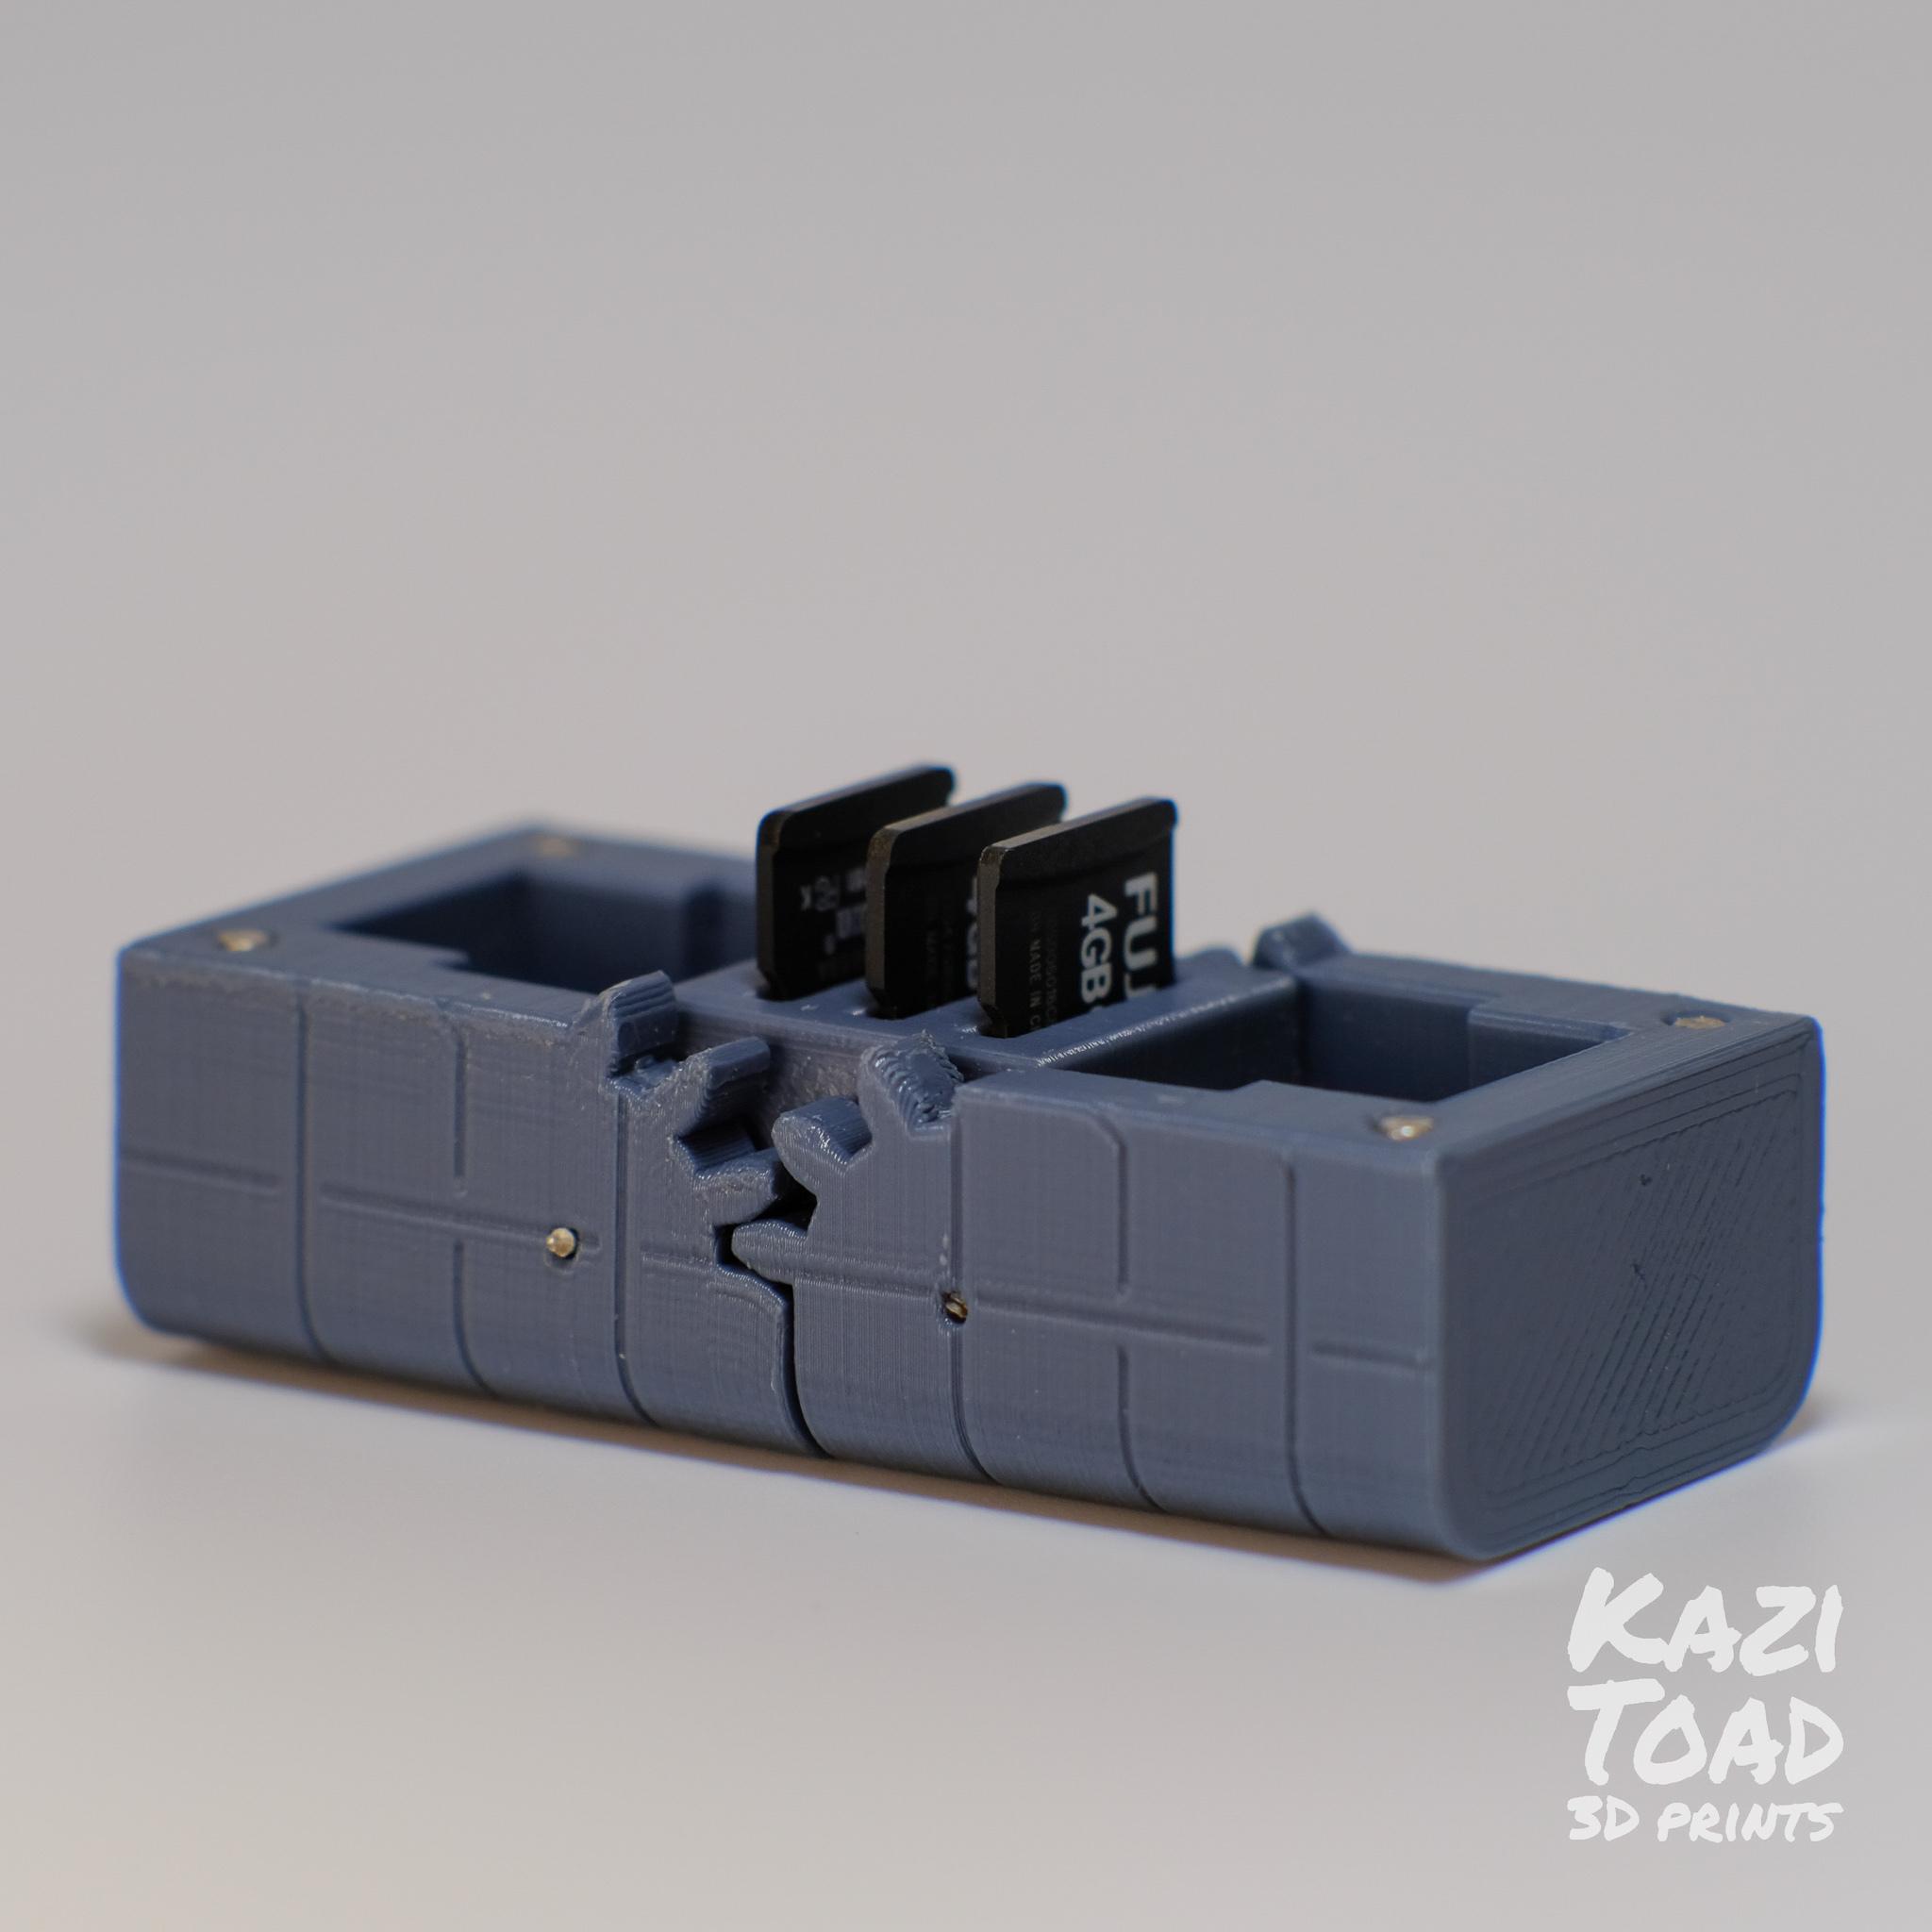 sd1.jpg Télécharger fichier STL Etuis à microprocesseur : pour les cartes micro SD et autres petits objets • Design imprimable en 3D, KaziToad